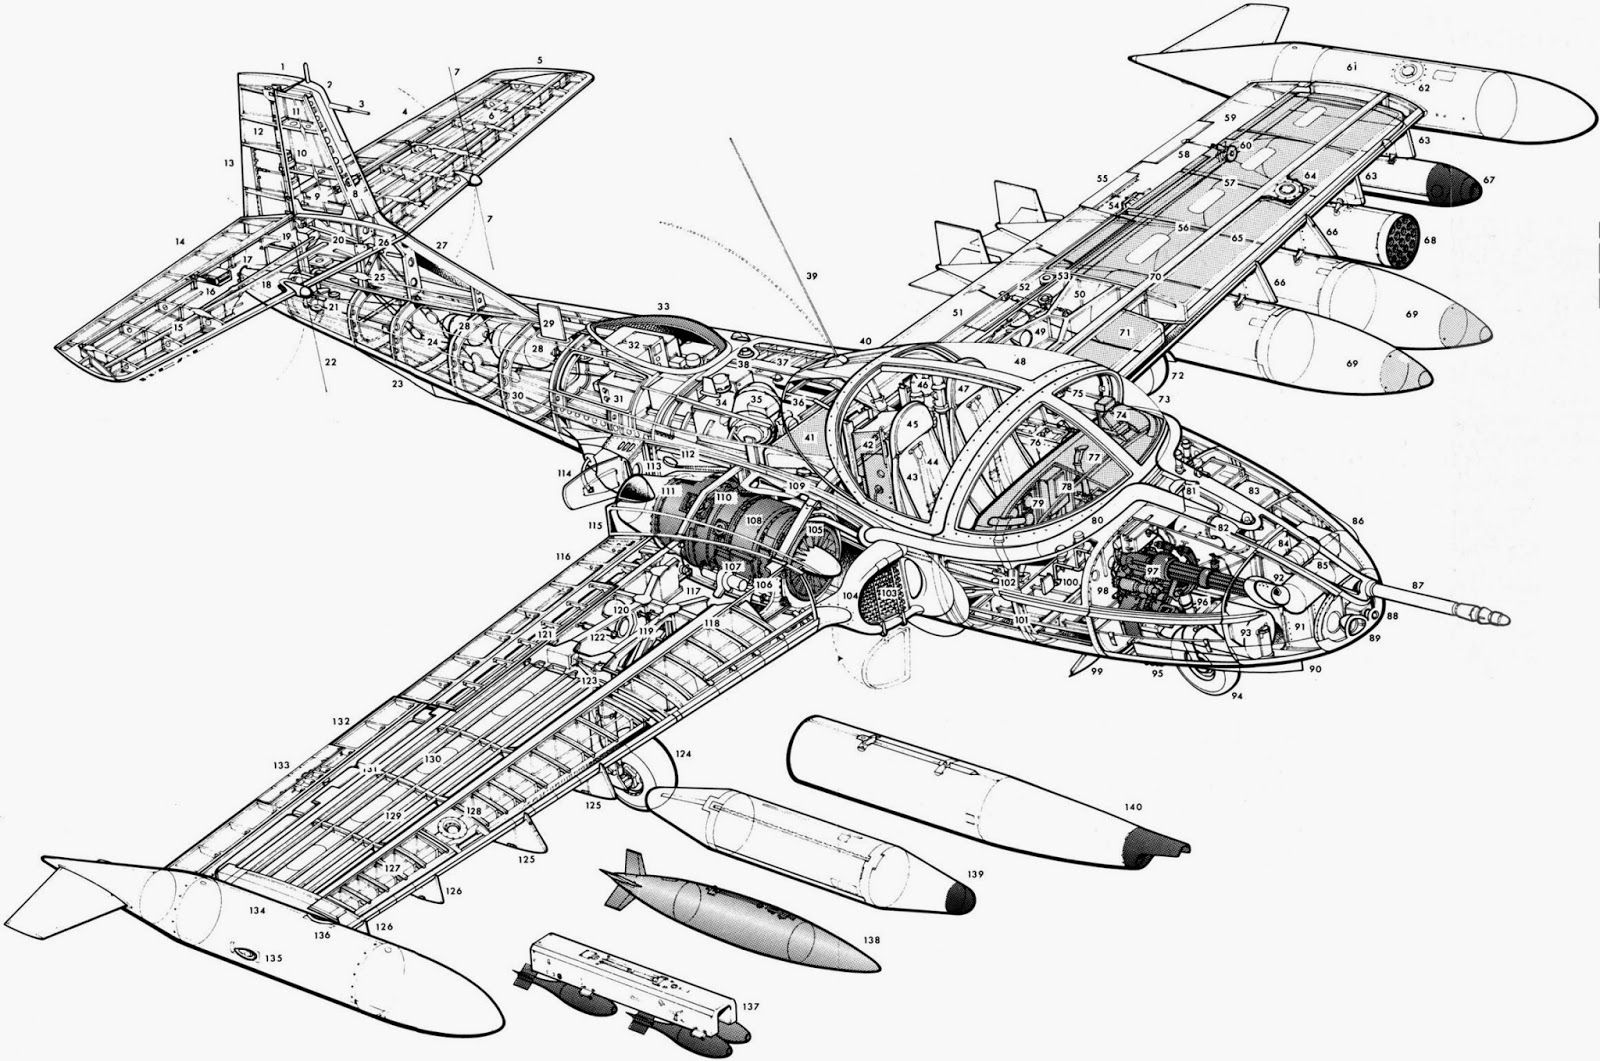 A 37 Dragonfly Cutaway